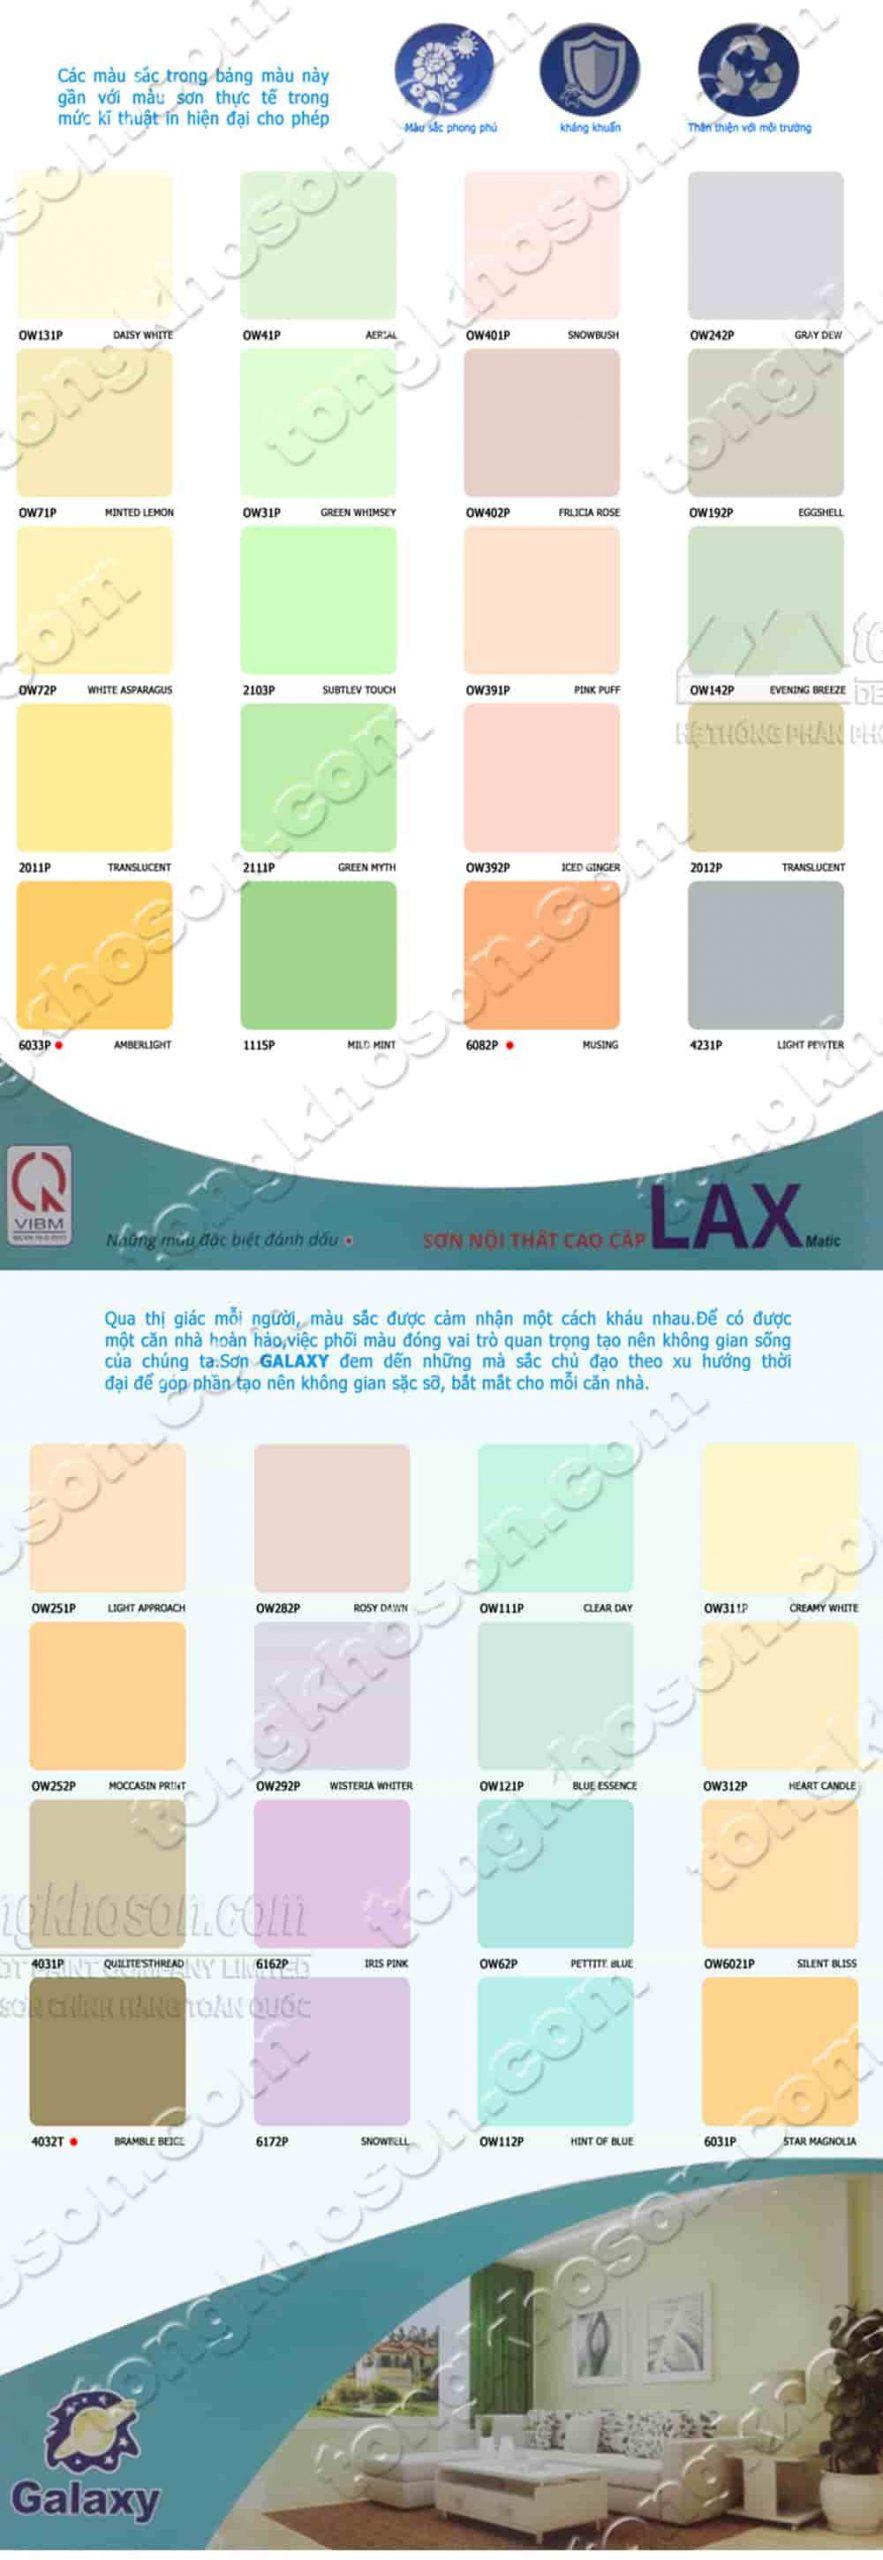 Bảng màu sơn nội thất Galaxy Lax Matic